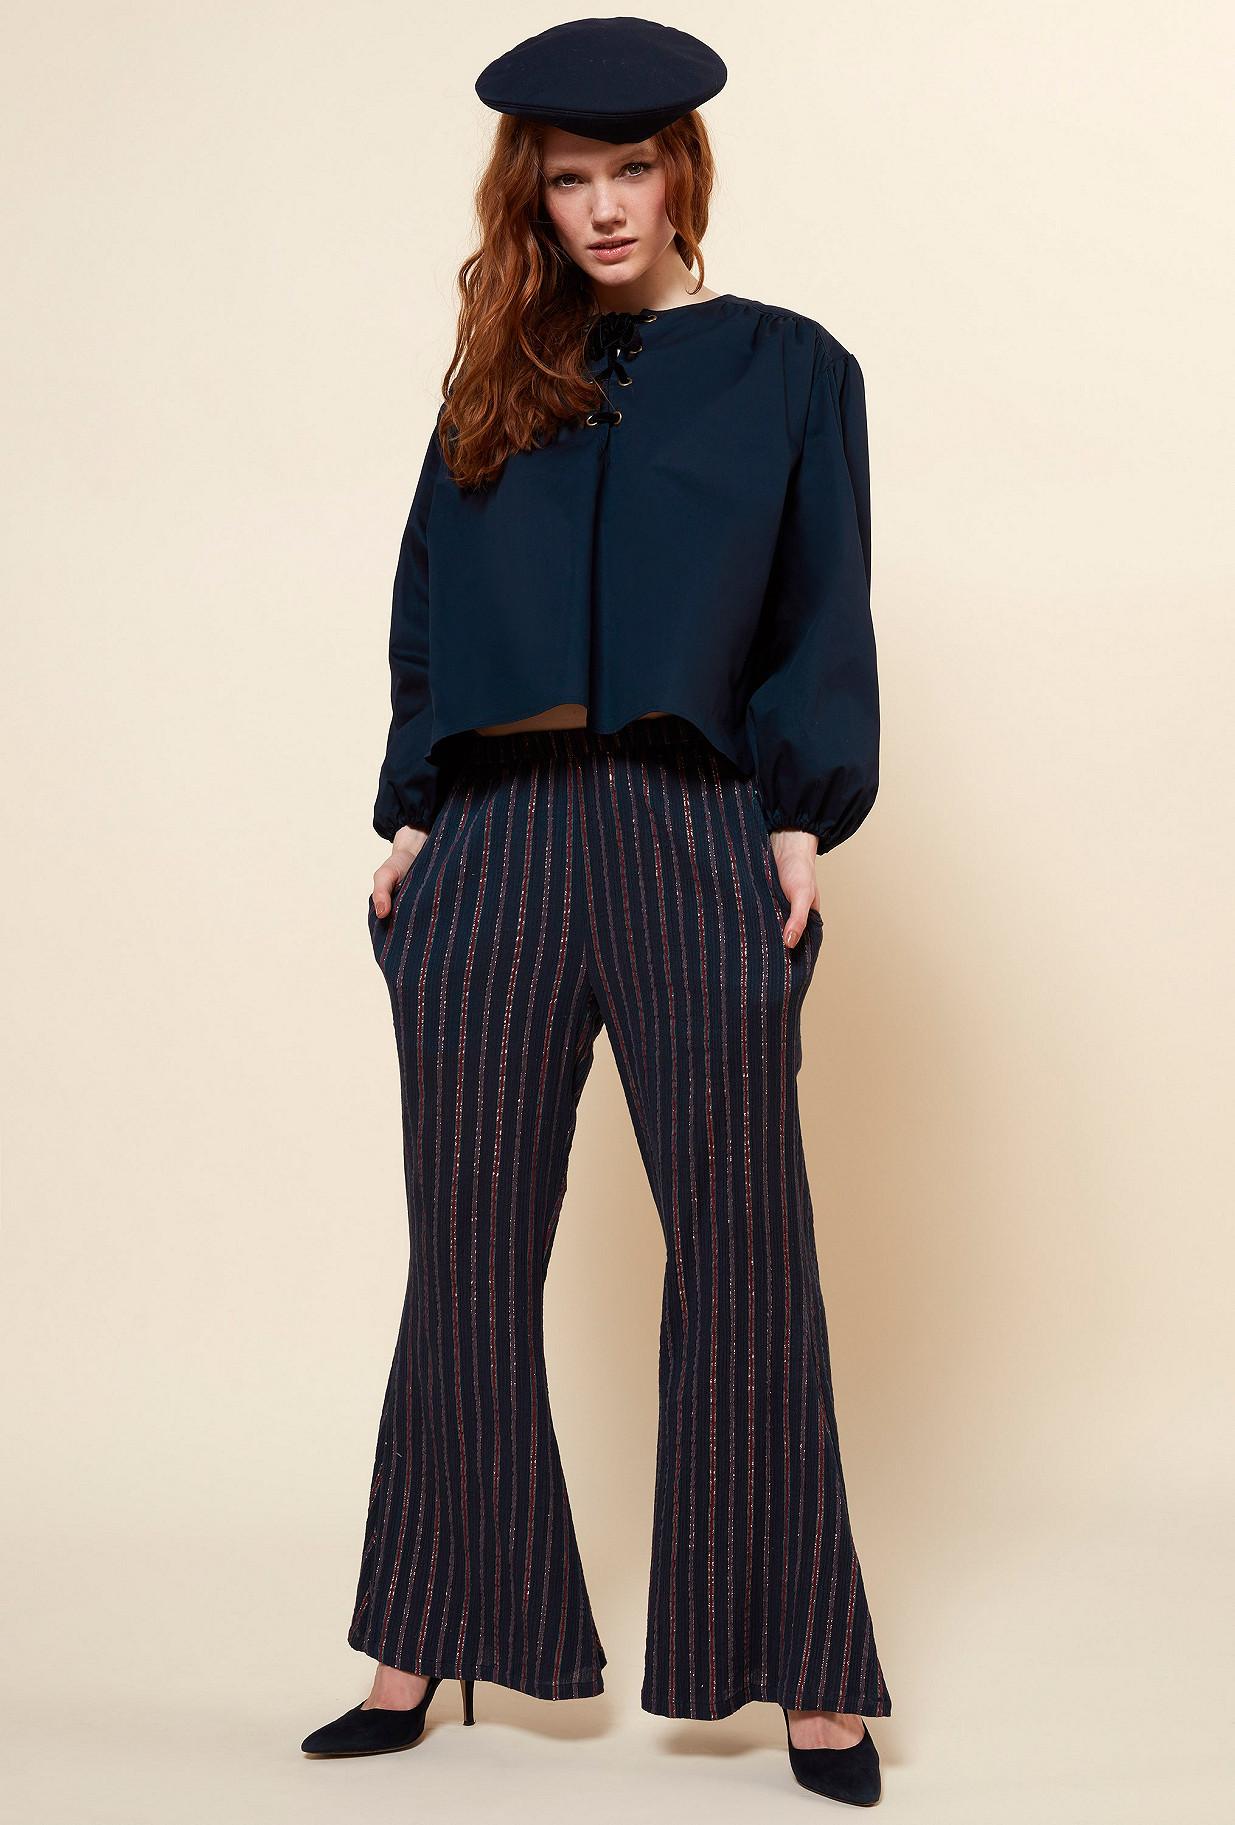 Paris clothes store Blouse  Graham french designer fashion Paris